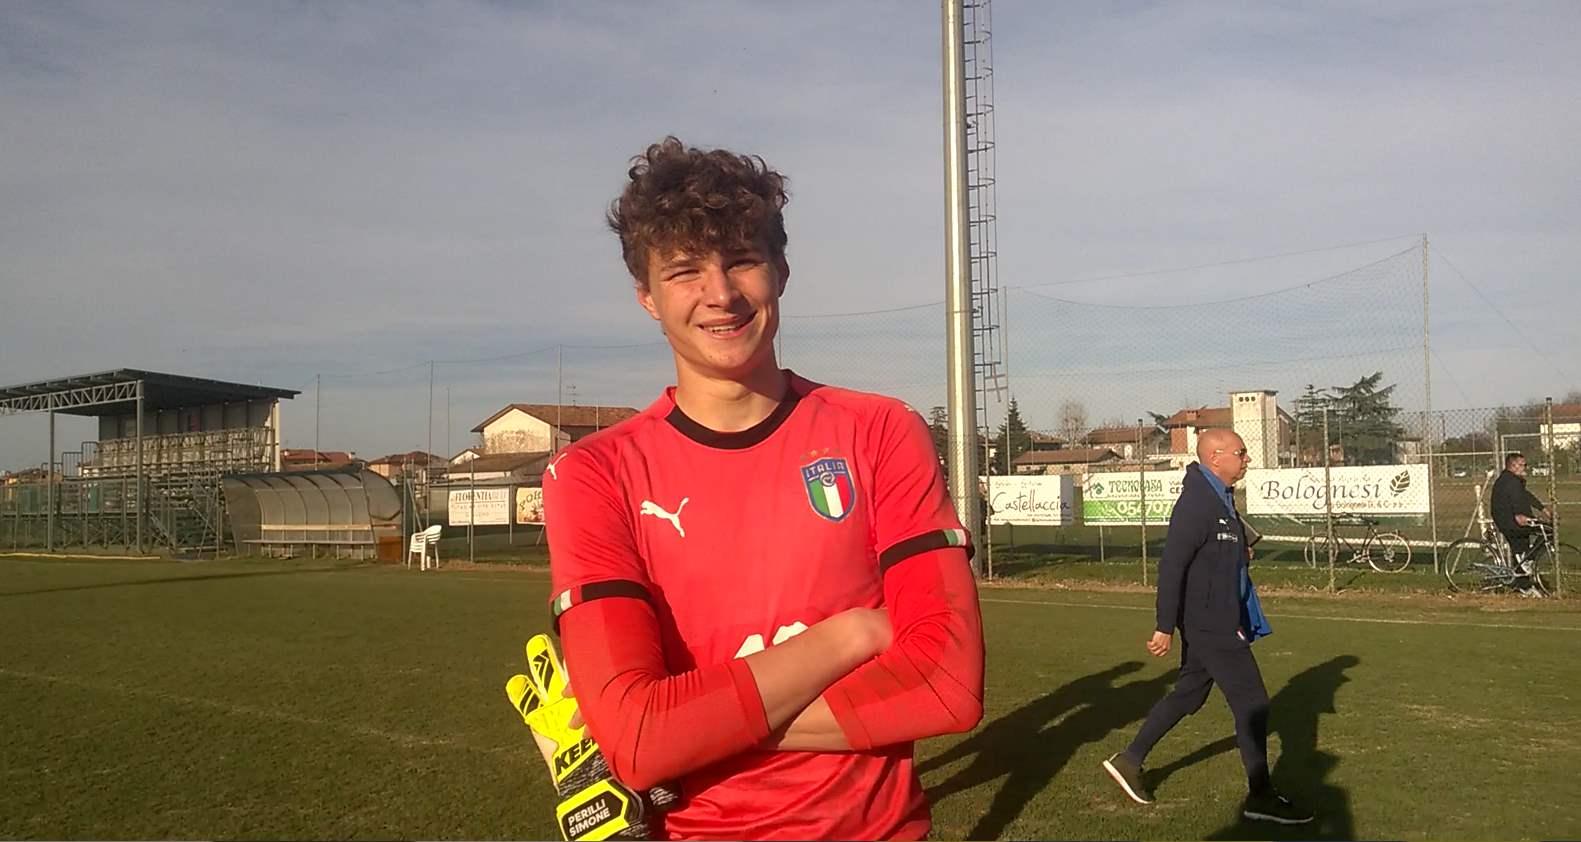 filippo-rinaldi-italia-under-17-2-16-03-2019